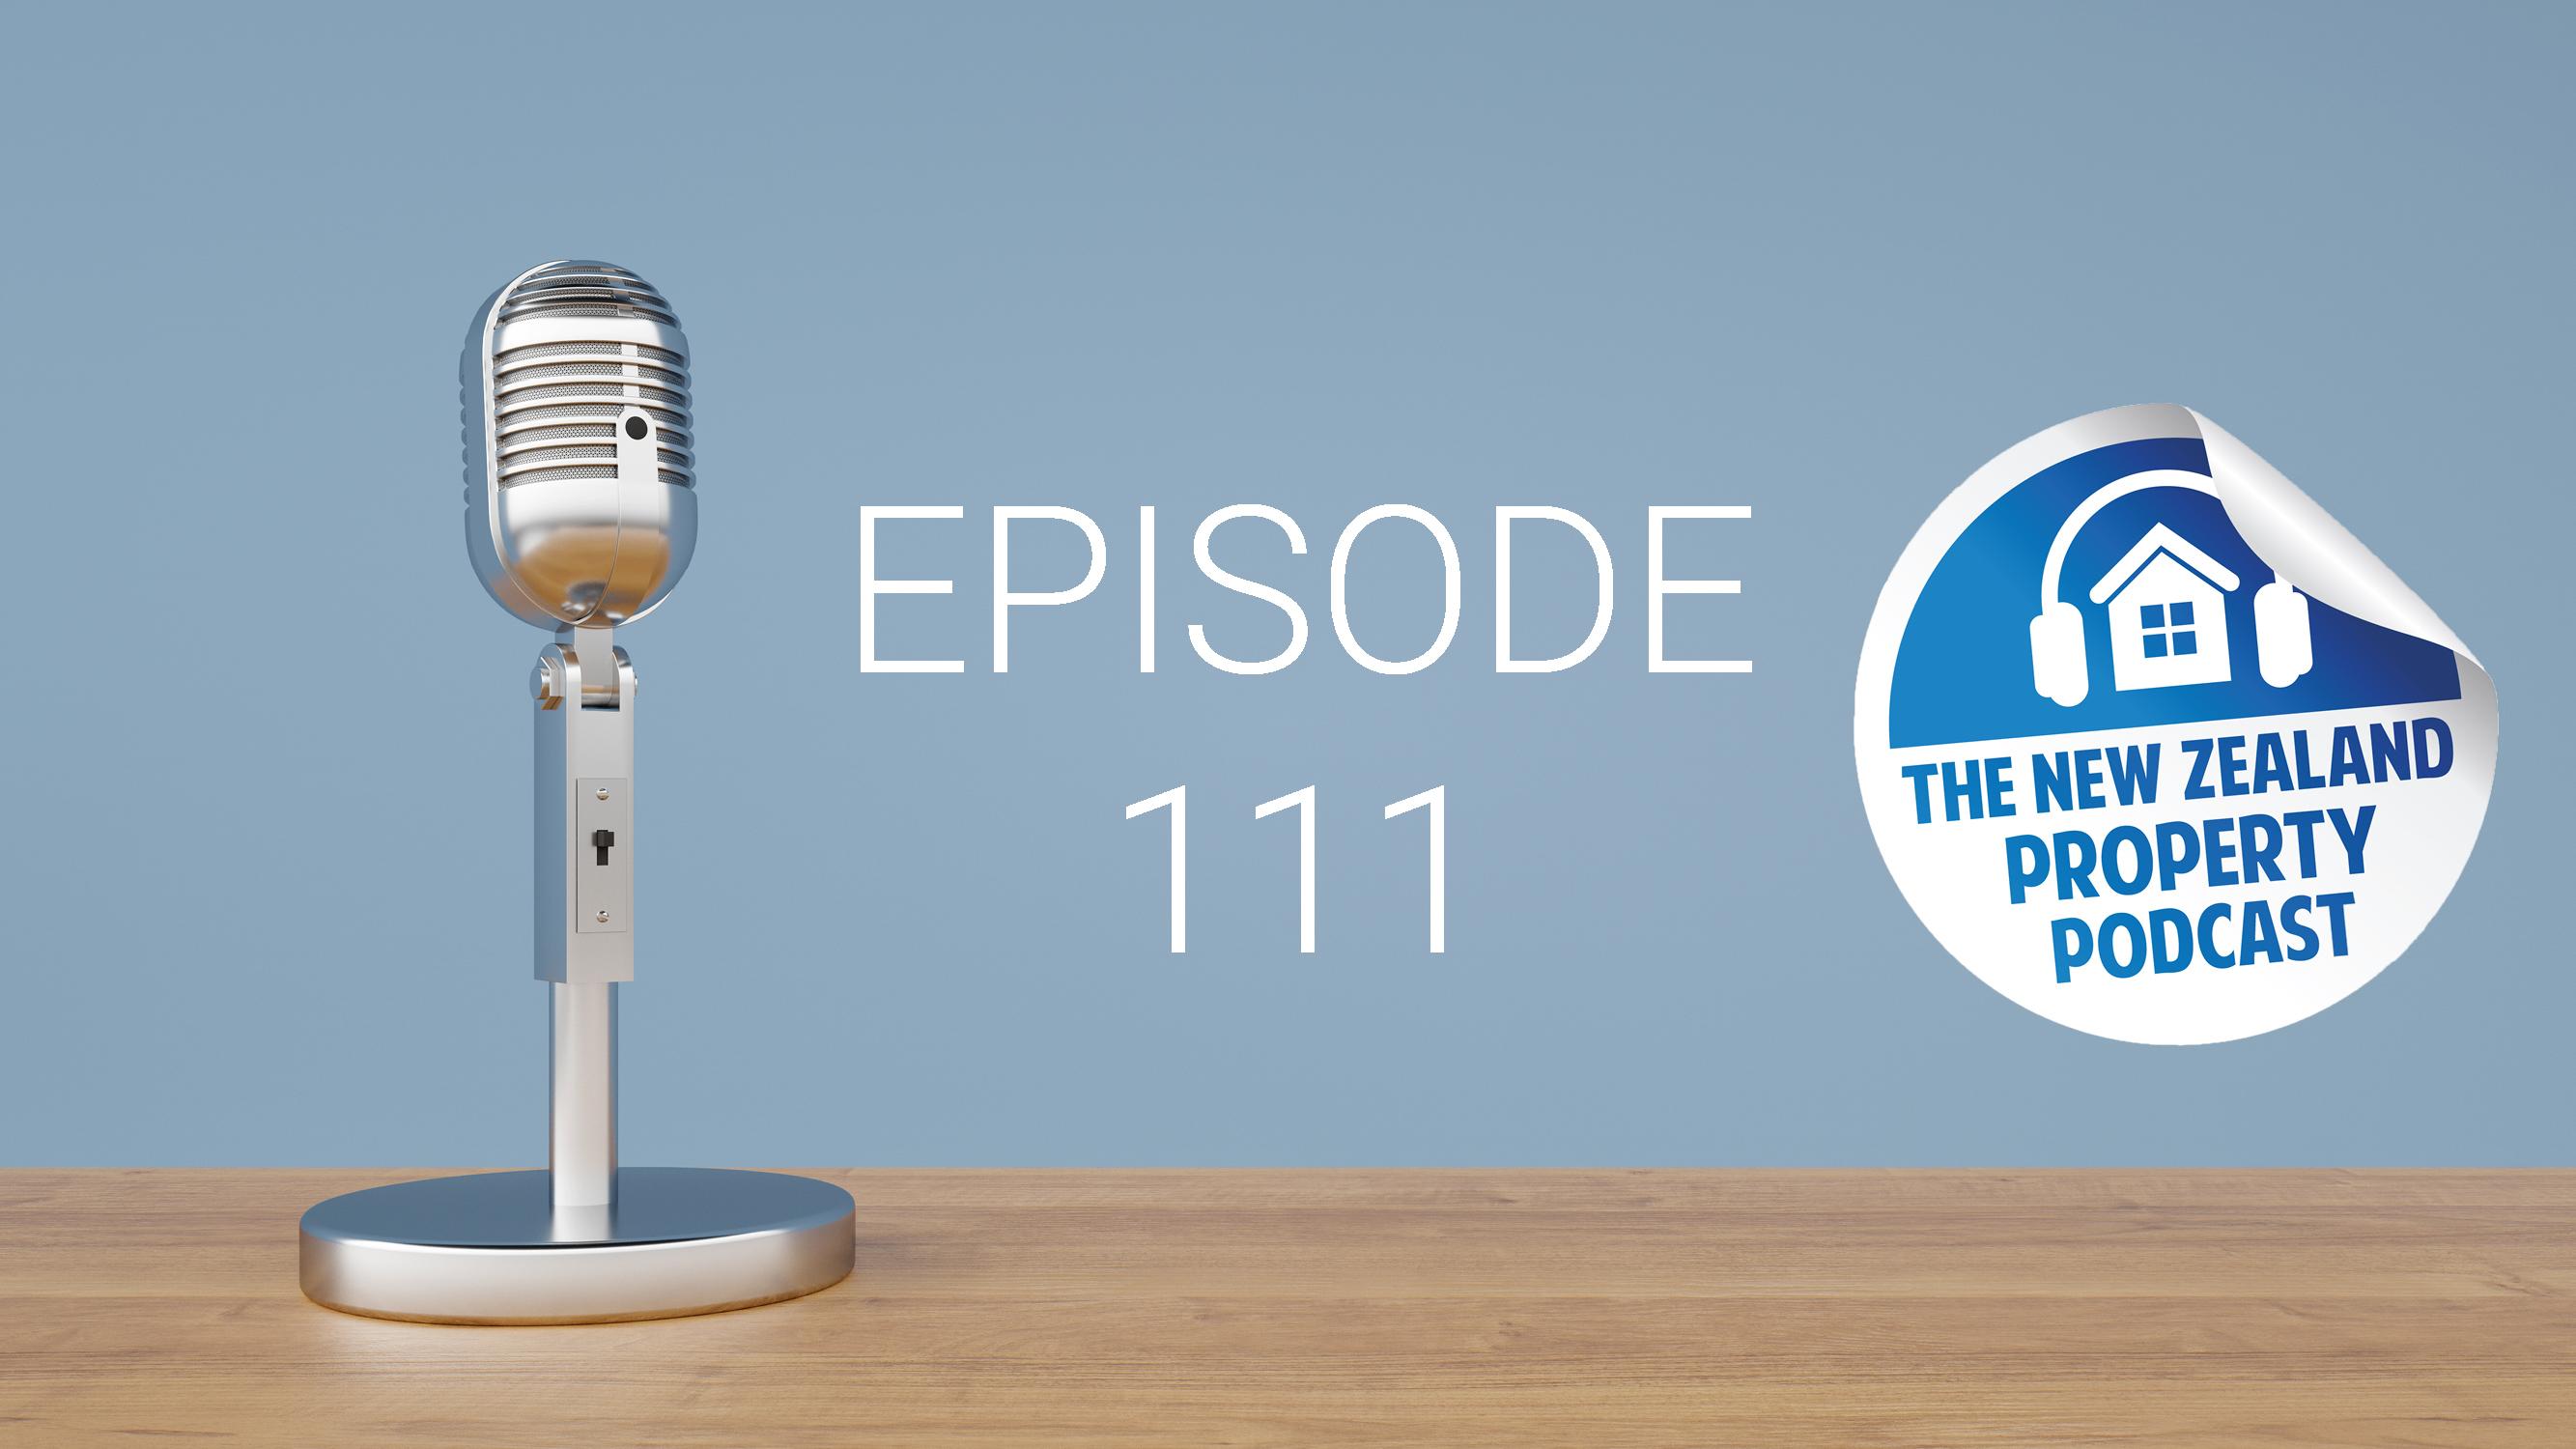 New Zealand Property Podcast Episode 111